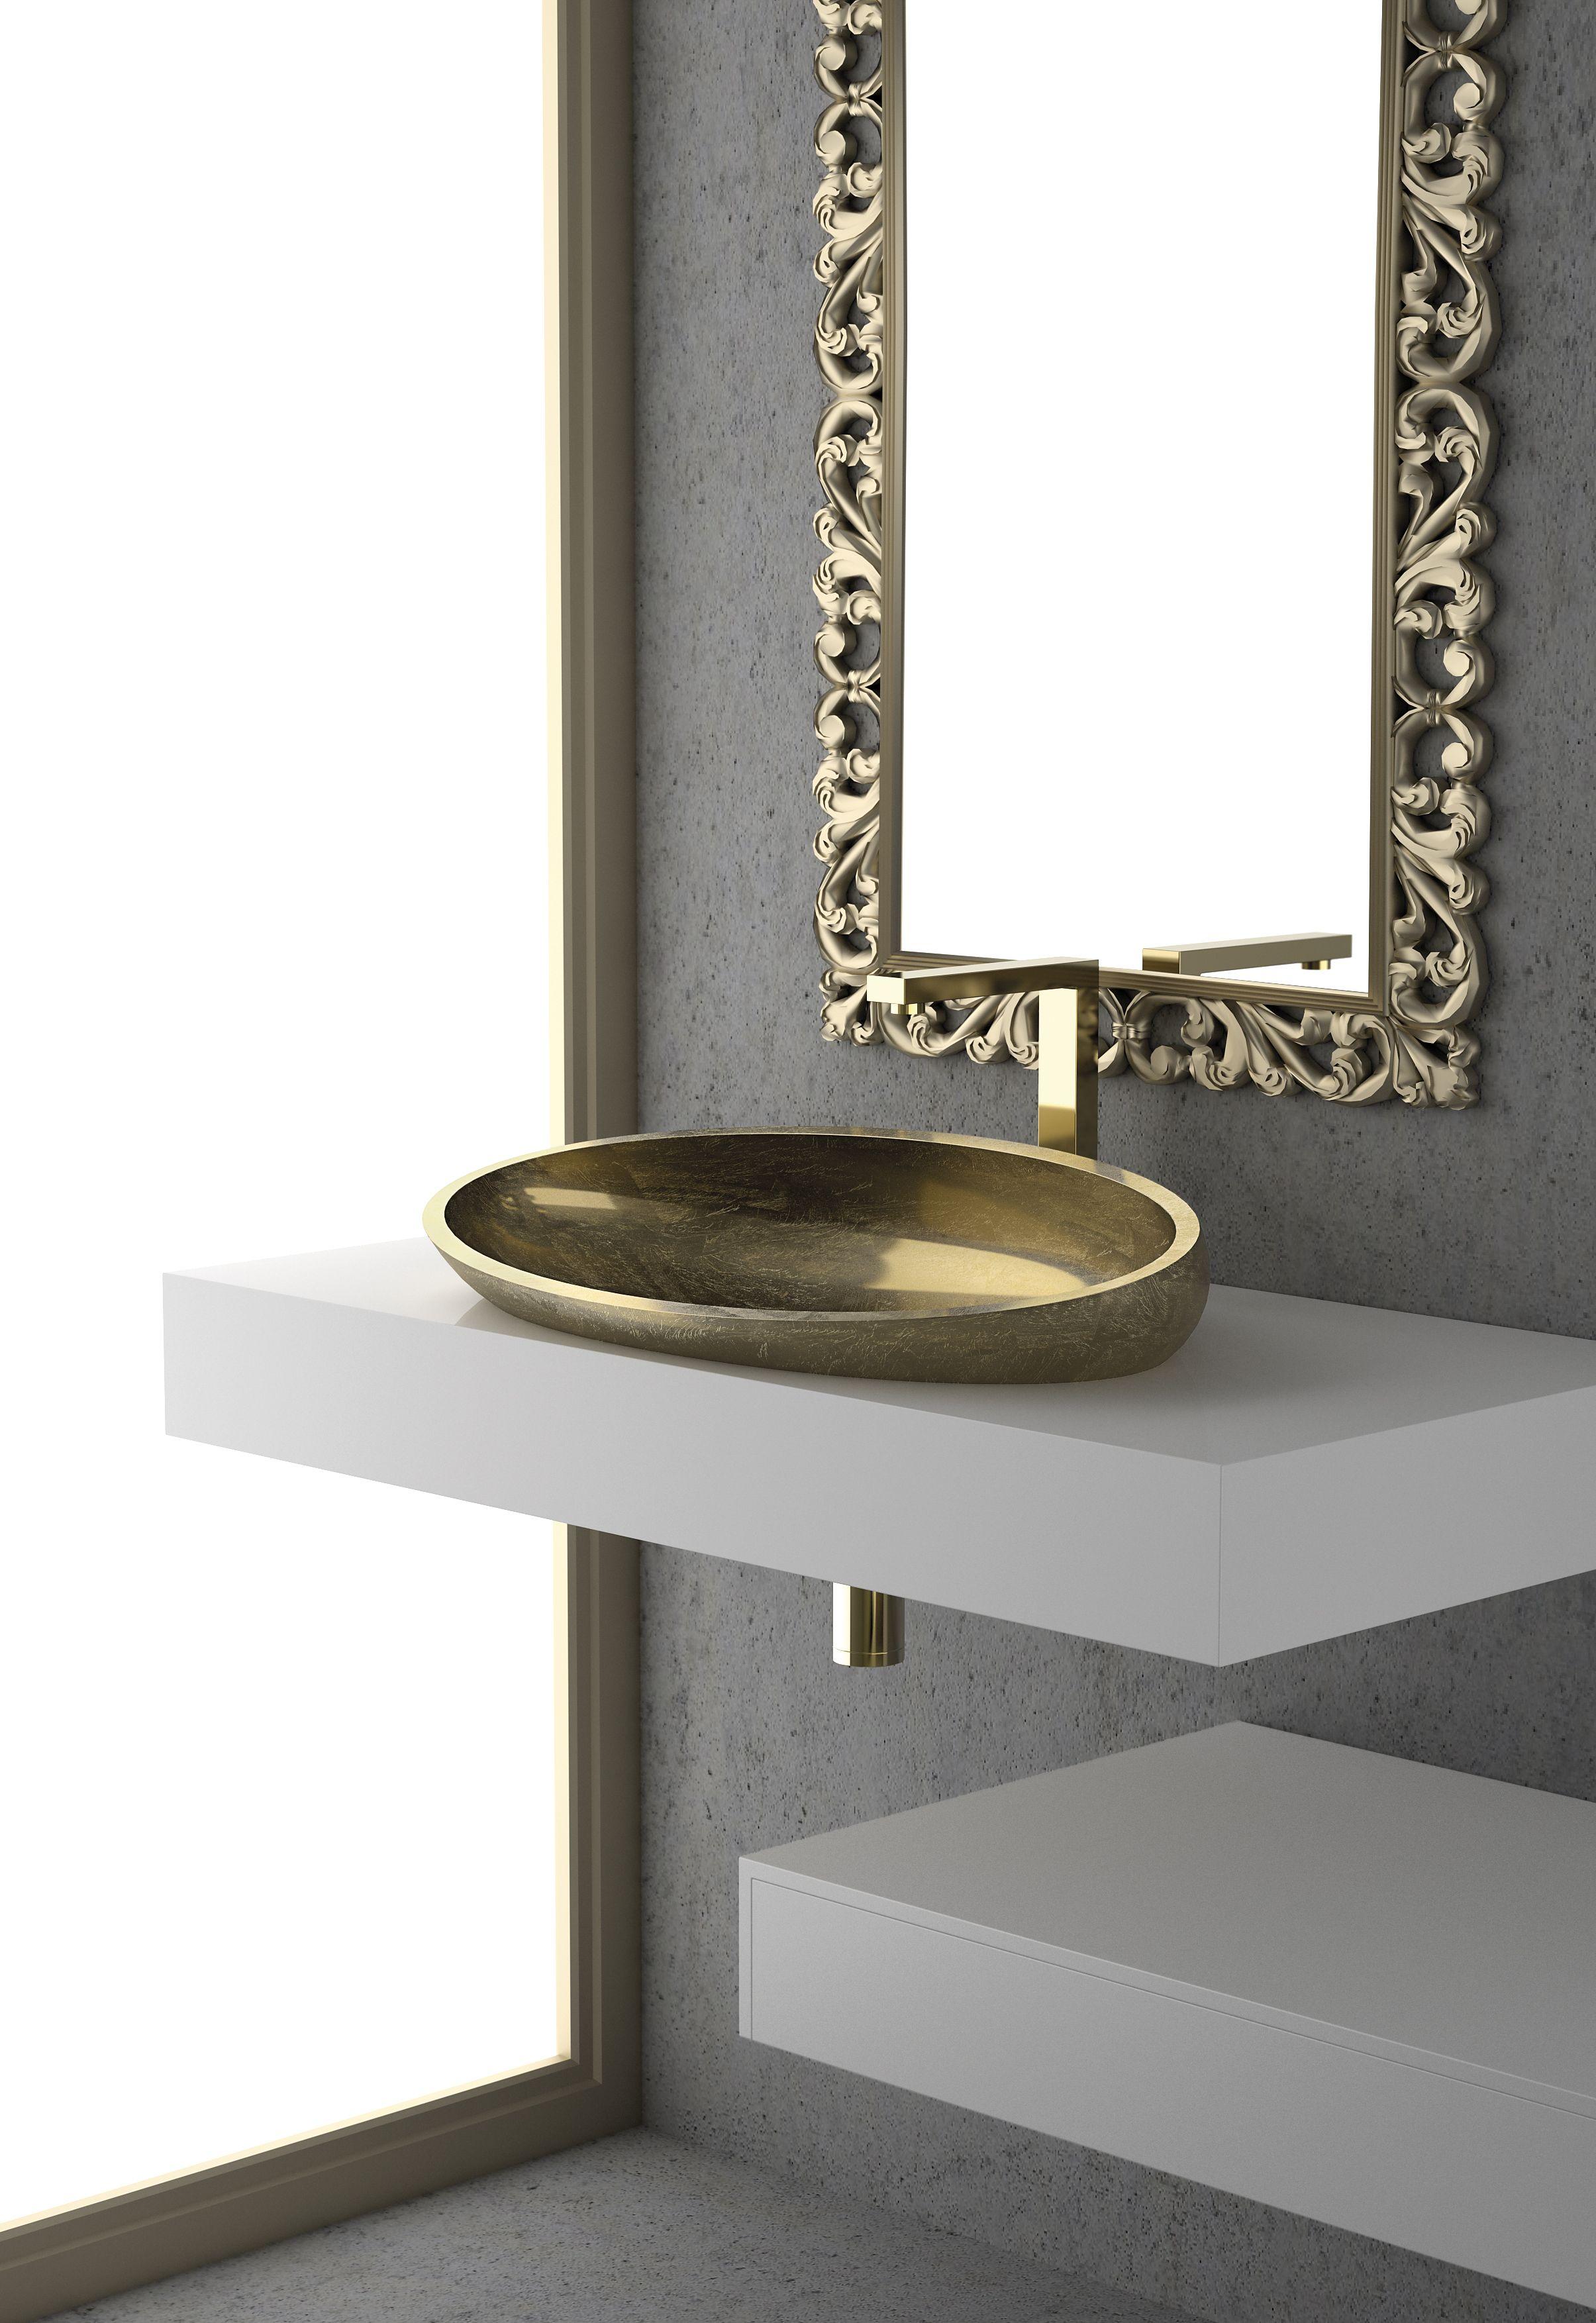 Ein De Luxe Waschbecken Blattauflage Gold Waschbecken Pinterest